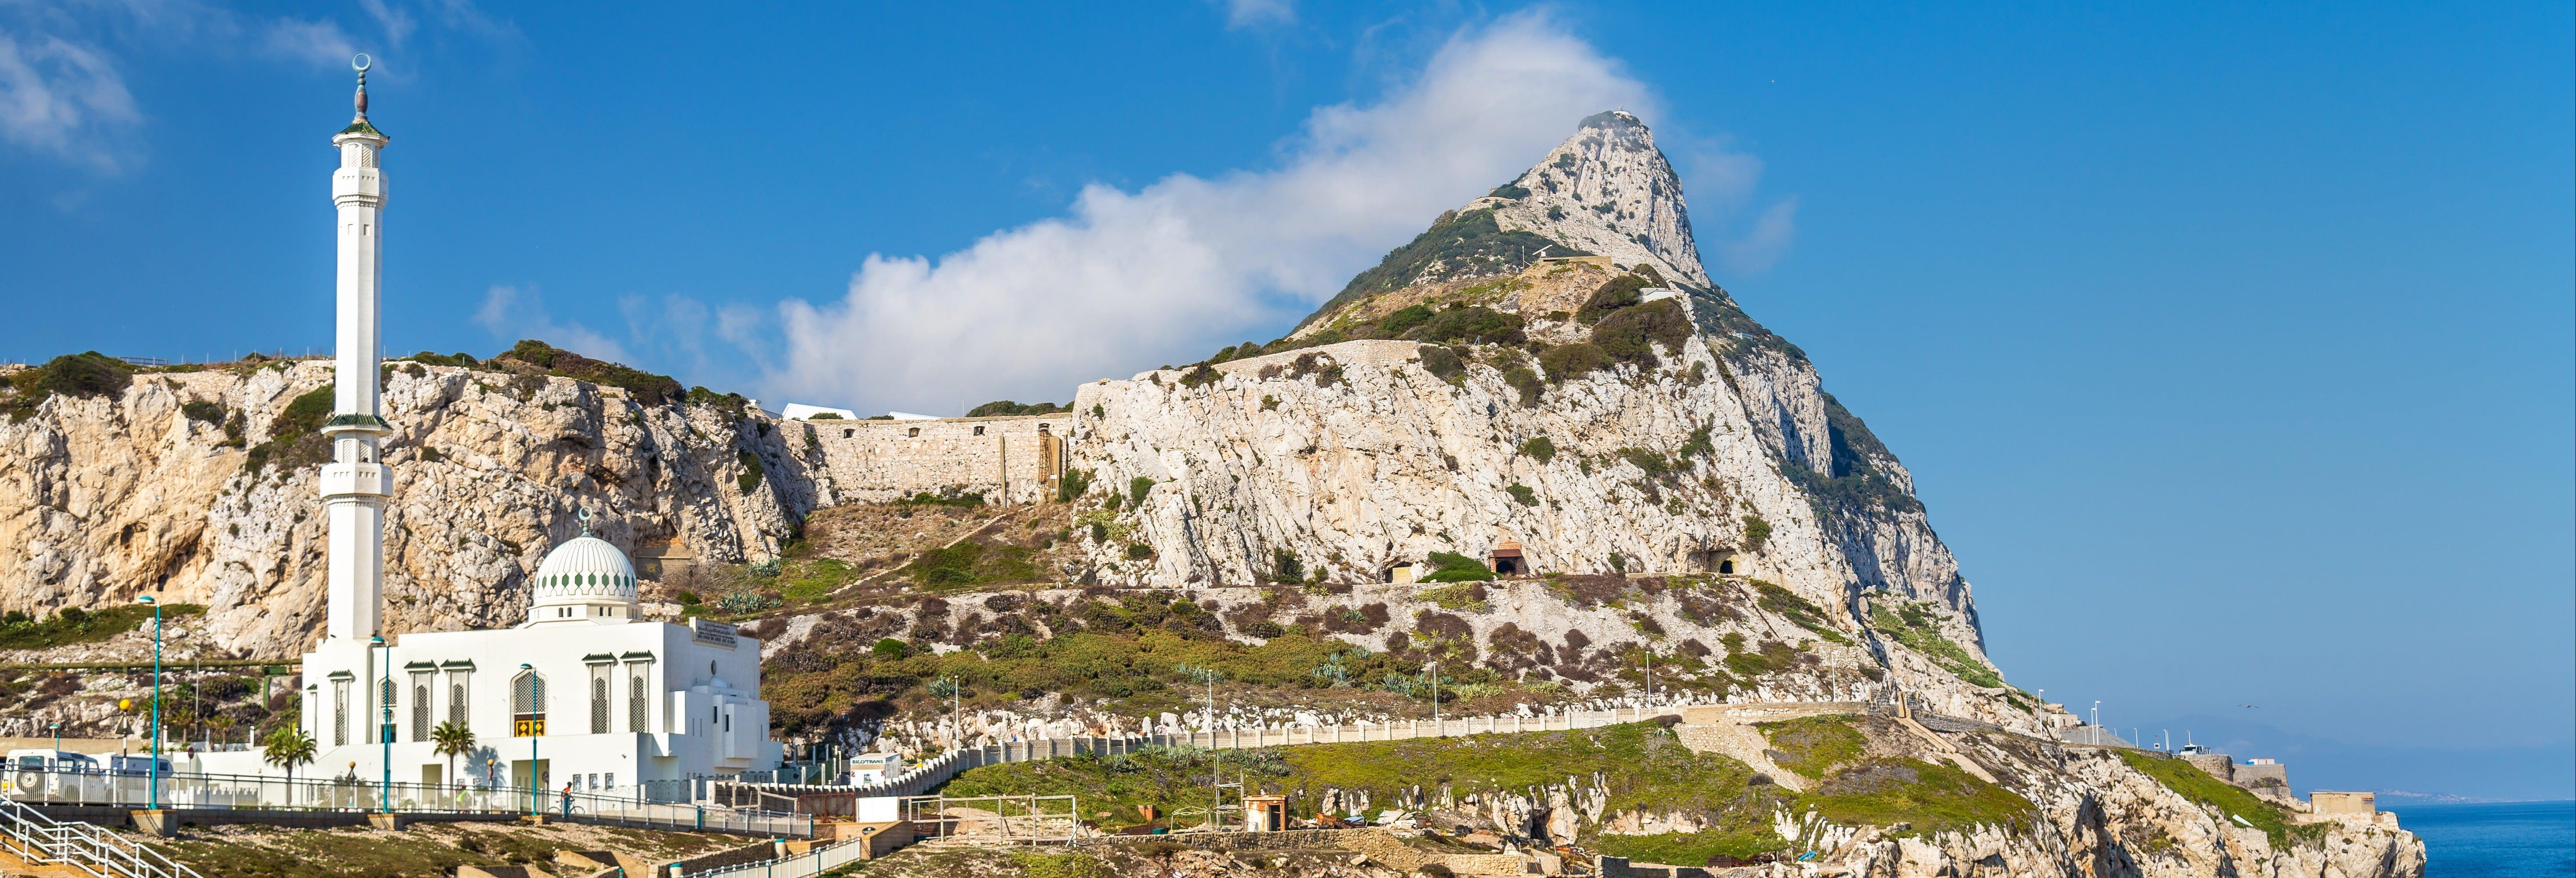 Escursione a Gibilterra